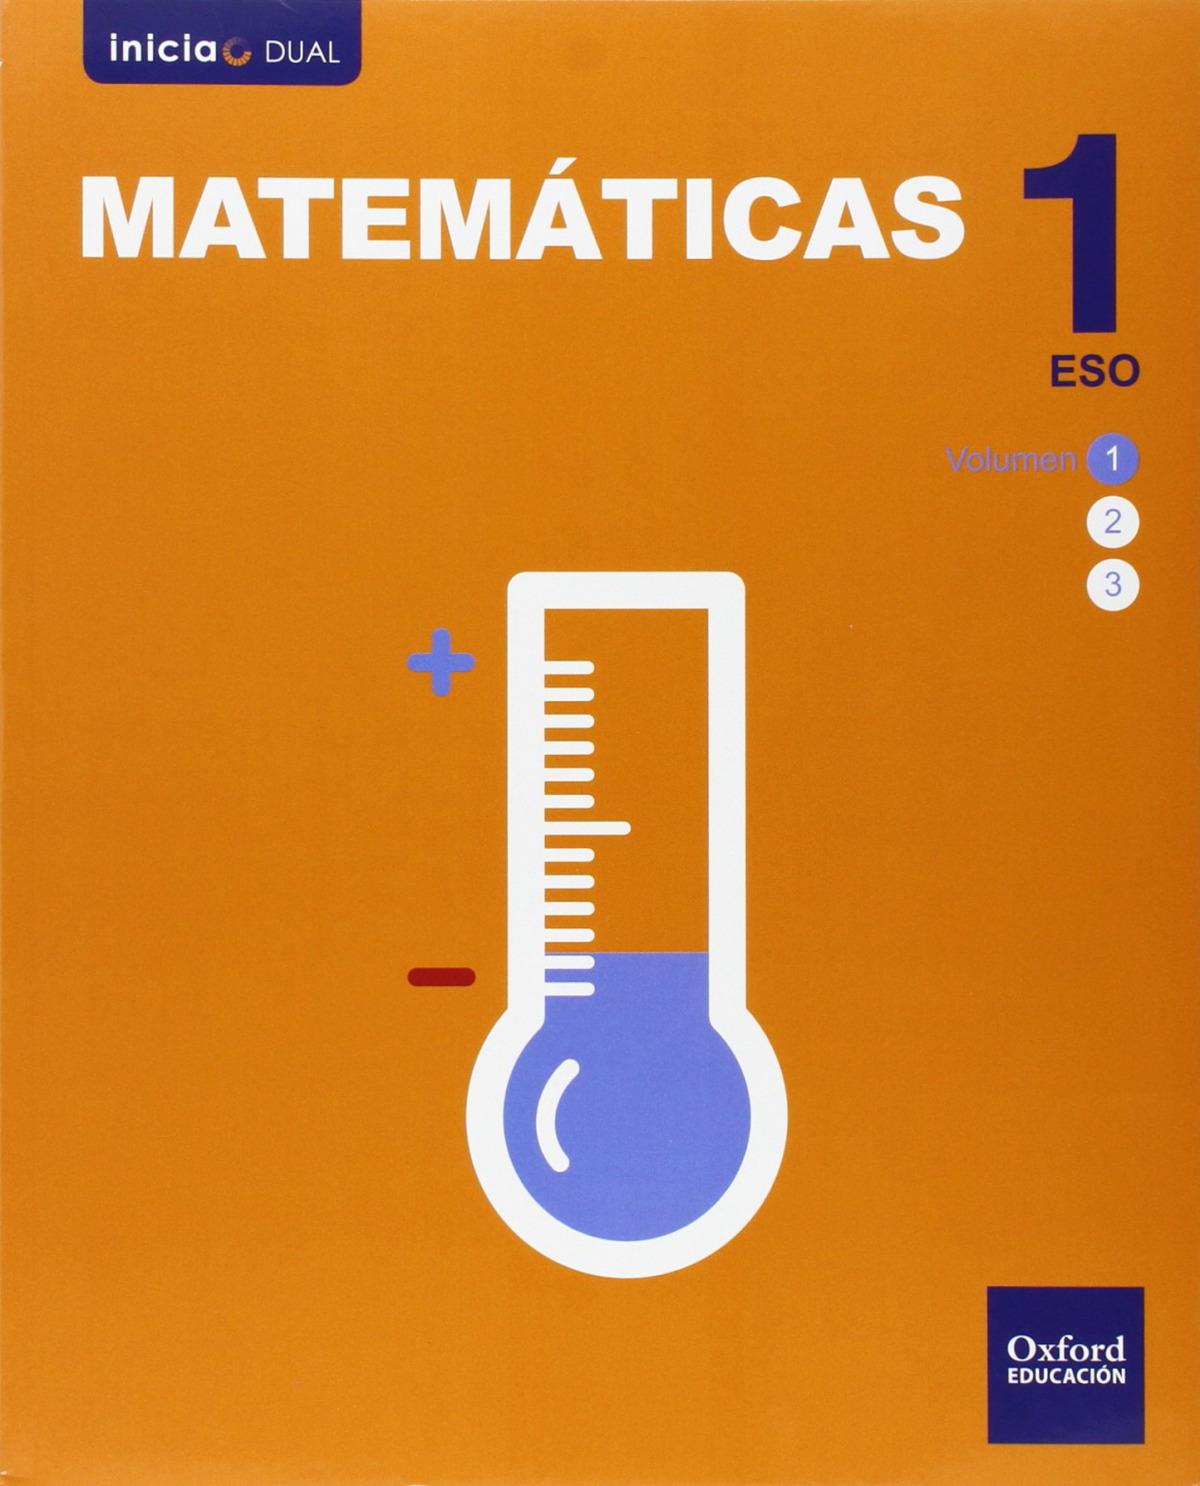 Matemáticas 1.o. ESO Inicia Dual. Libro del Alumno 9788467385830